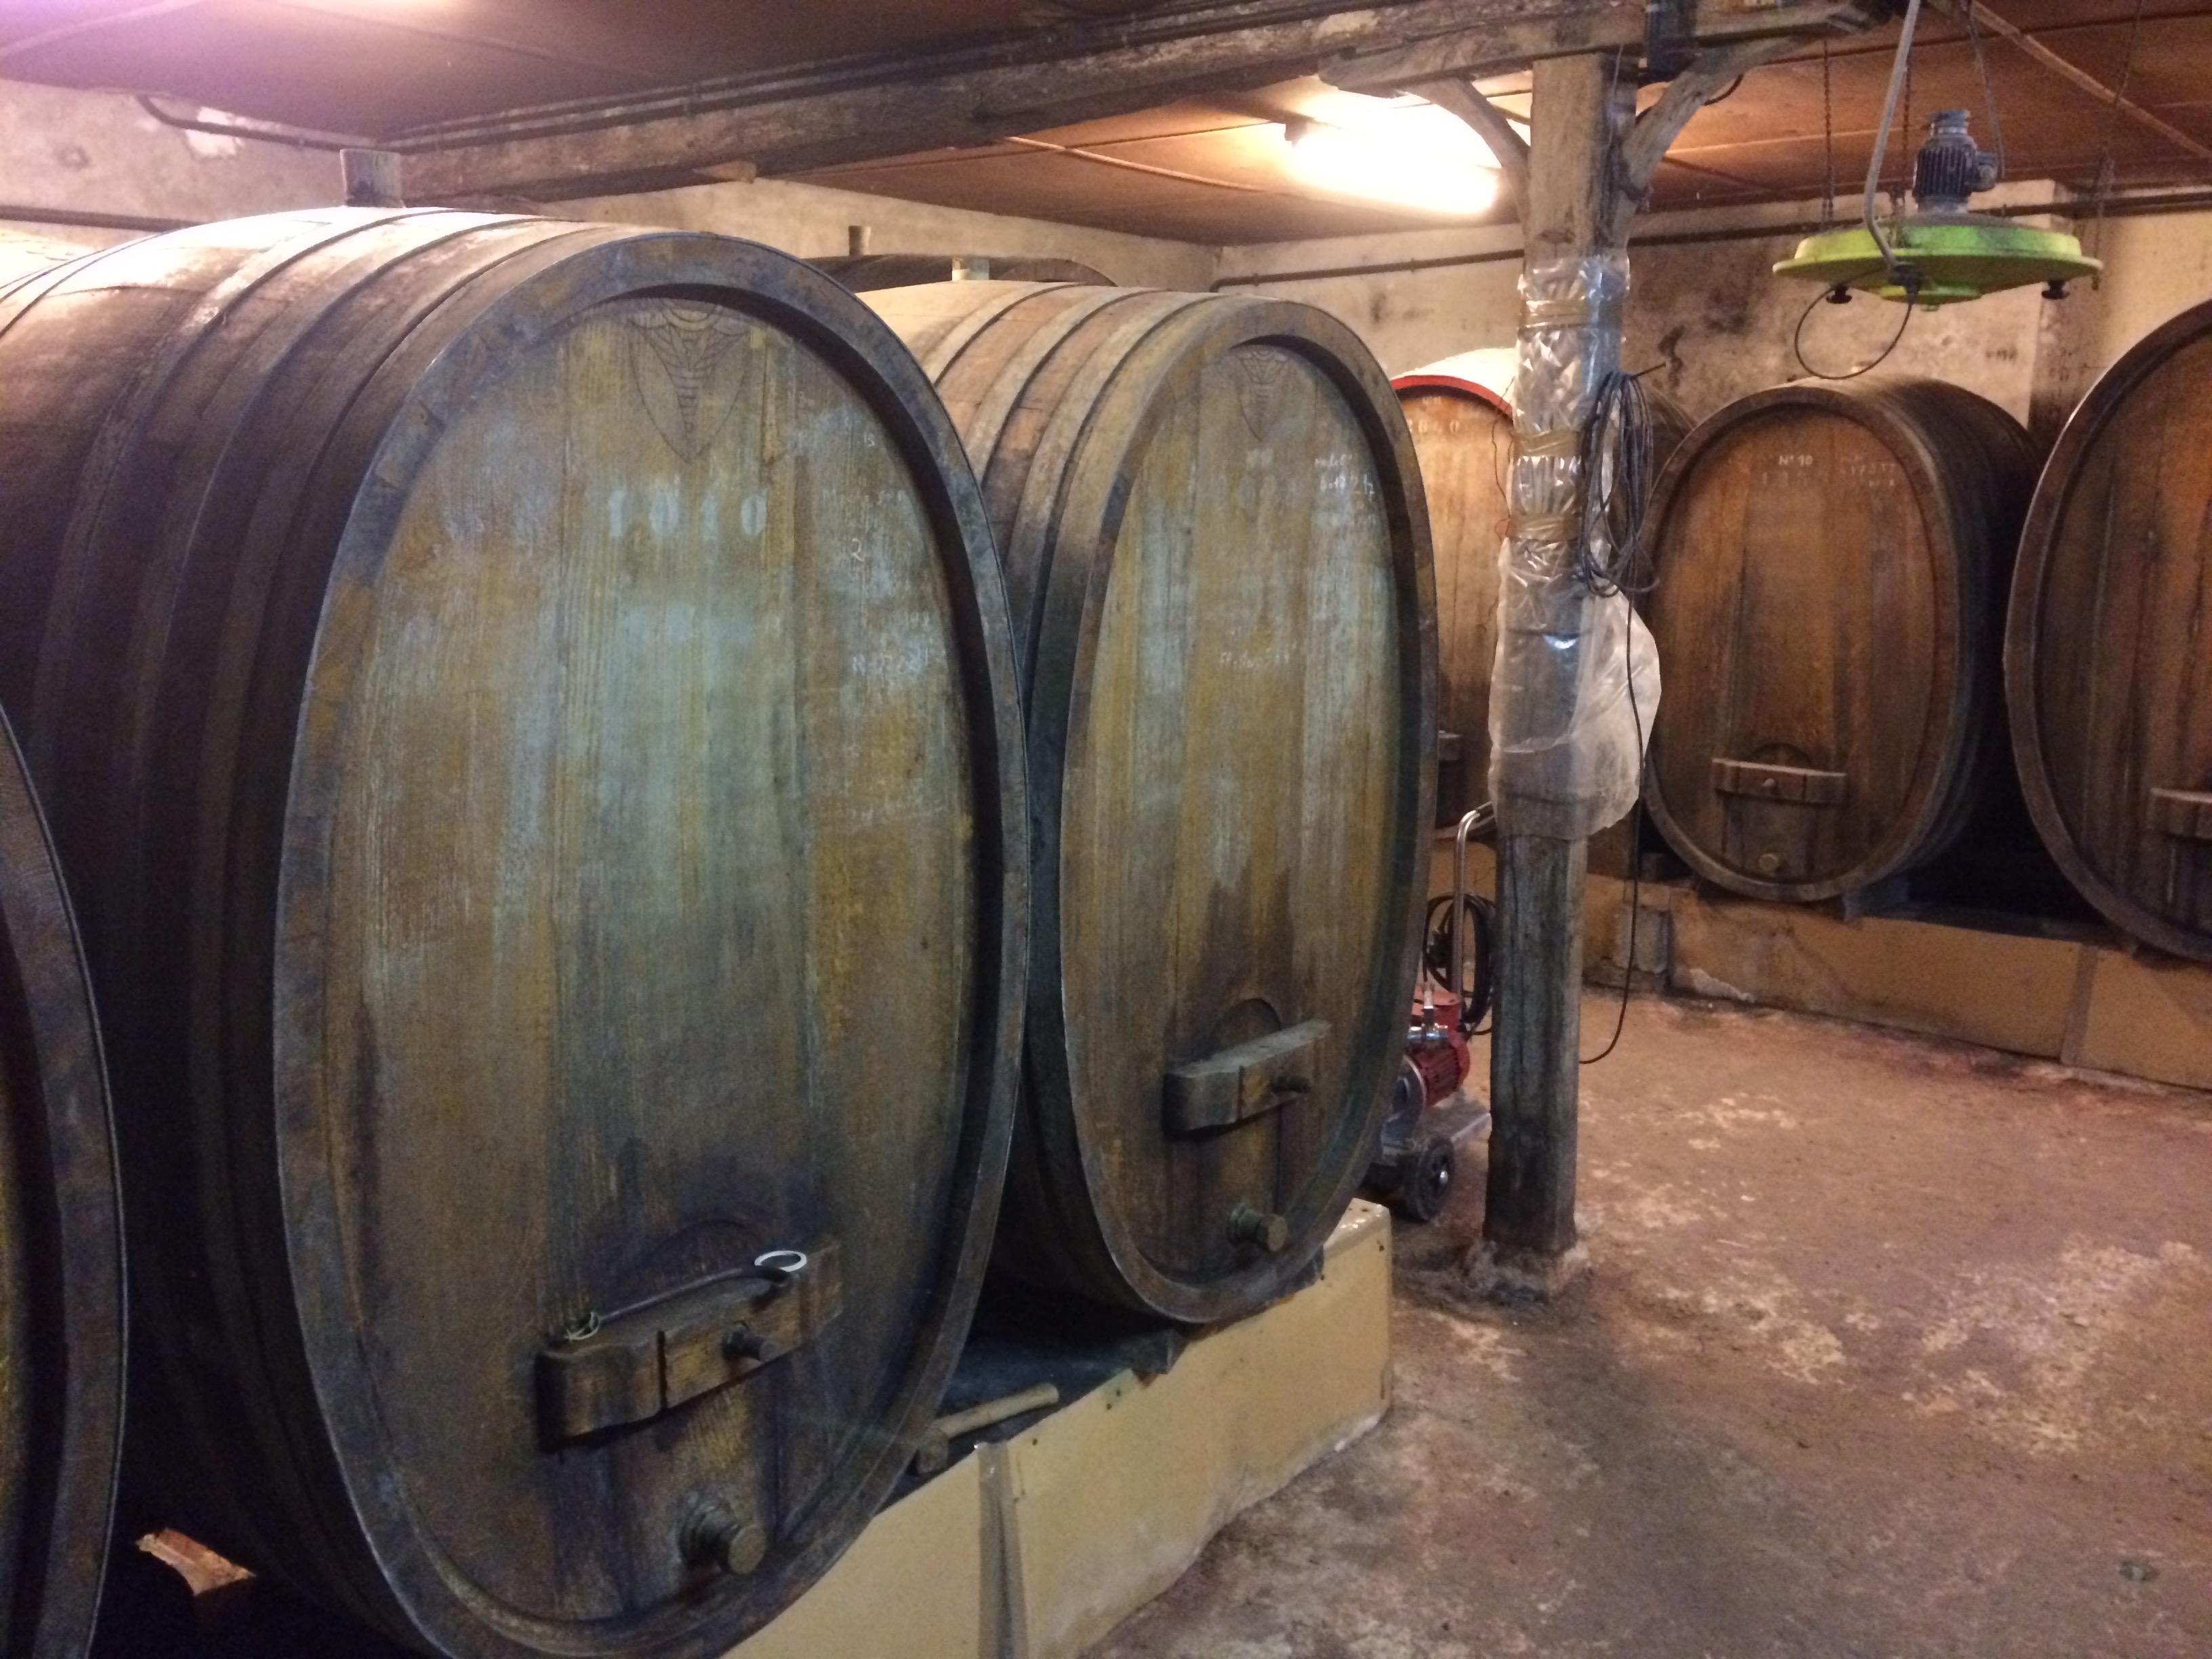 Fallet Prevostat wine tanks